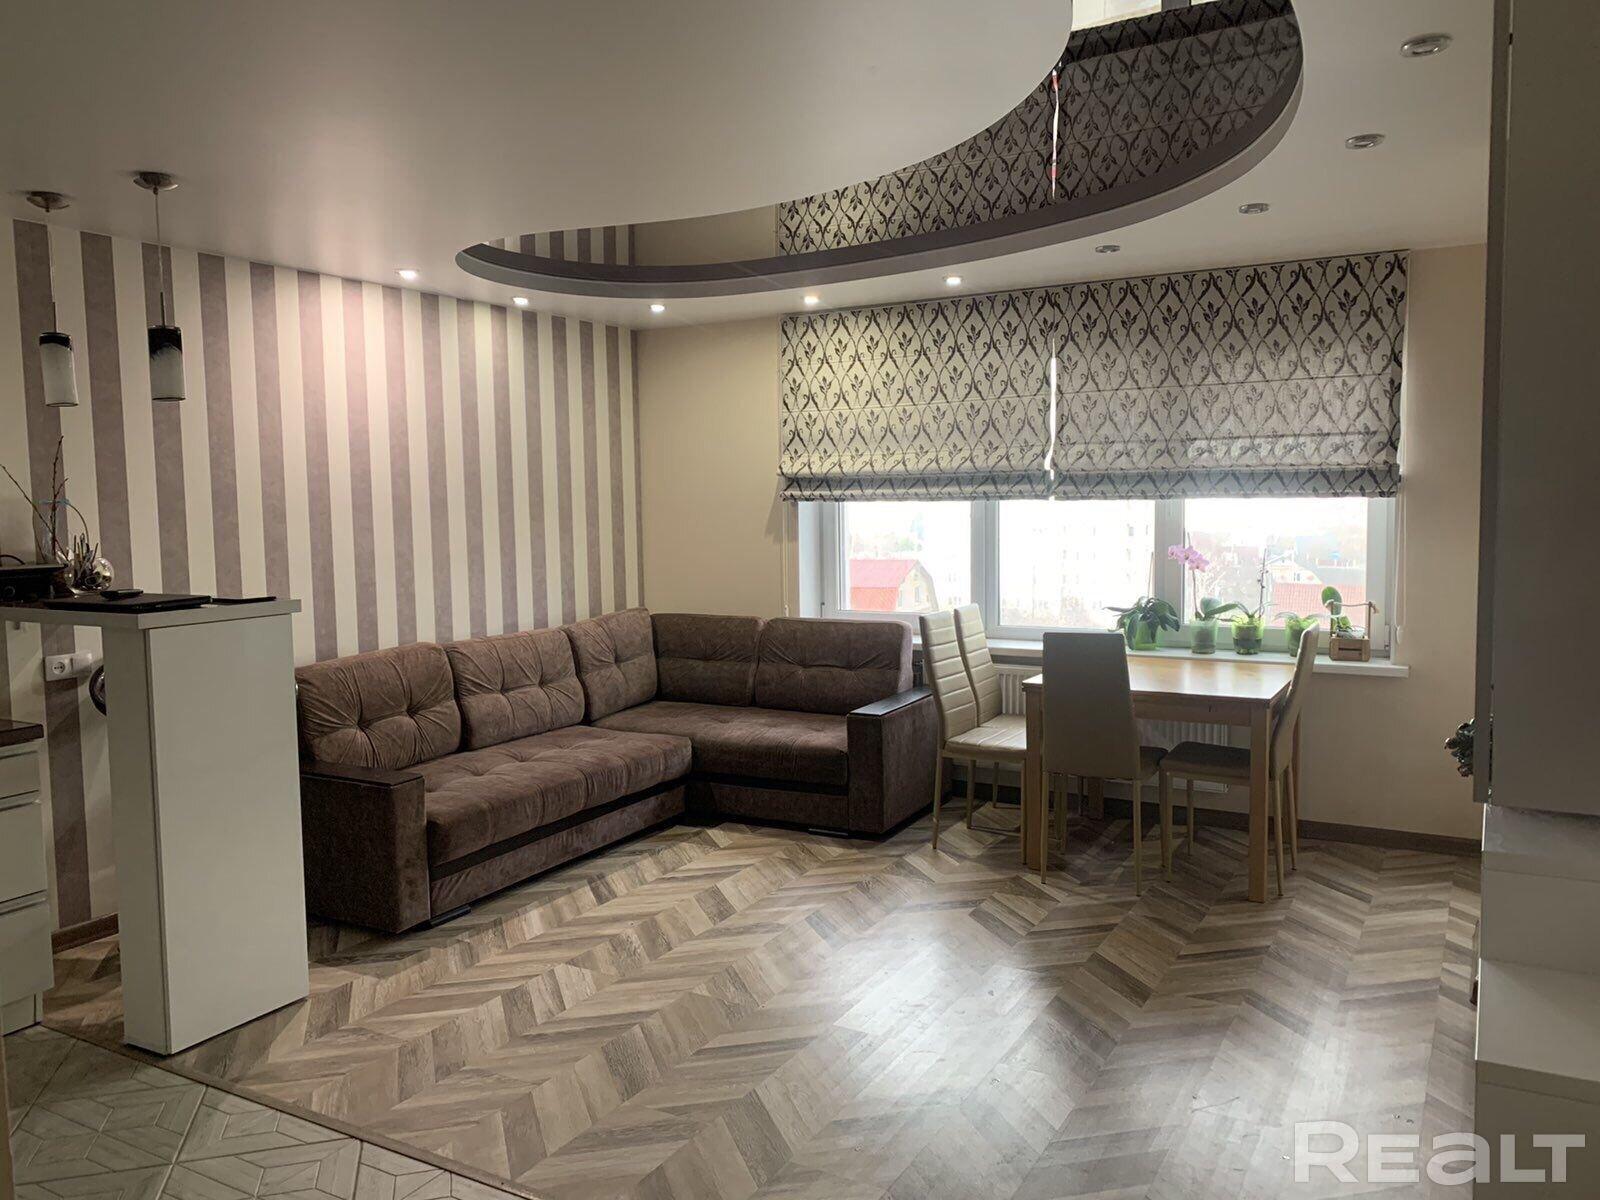 Продается новая трехкомнатная квартира полностью готовая к проживанию